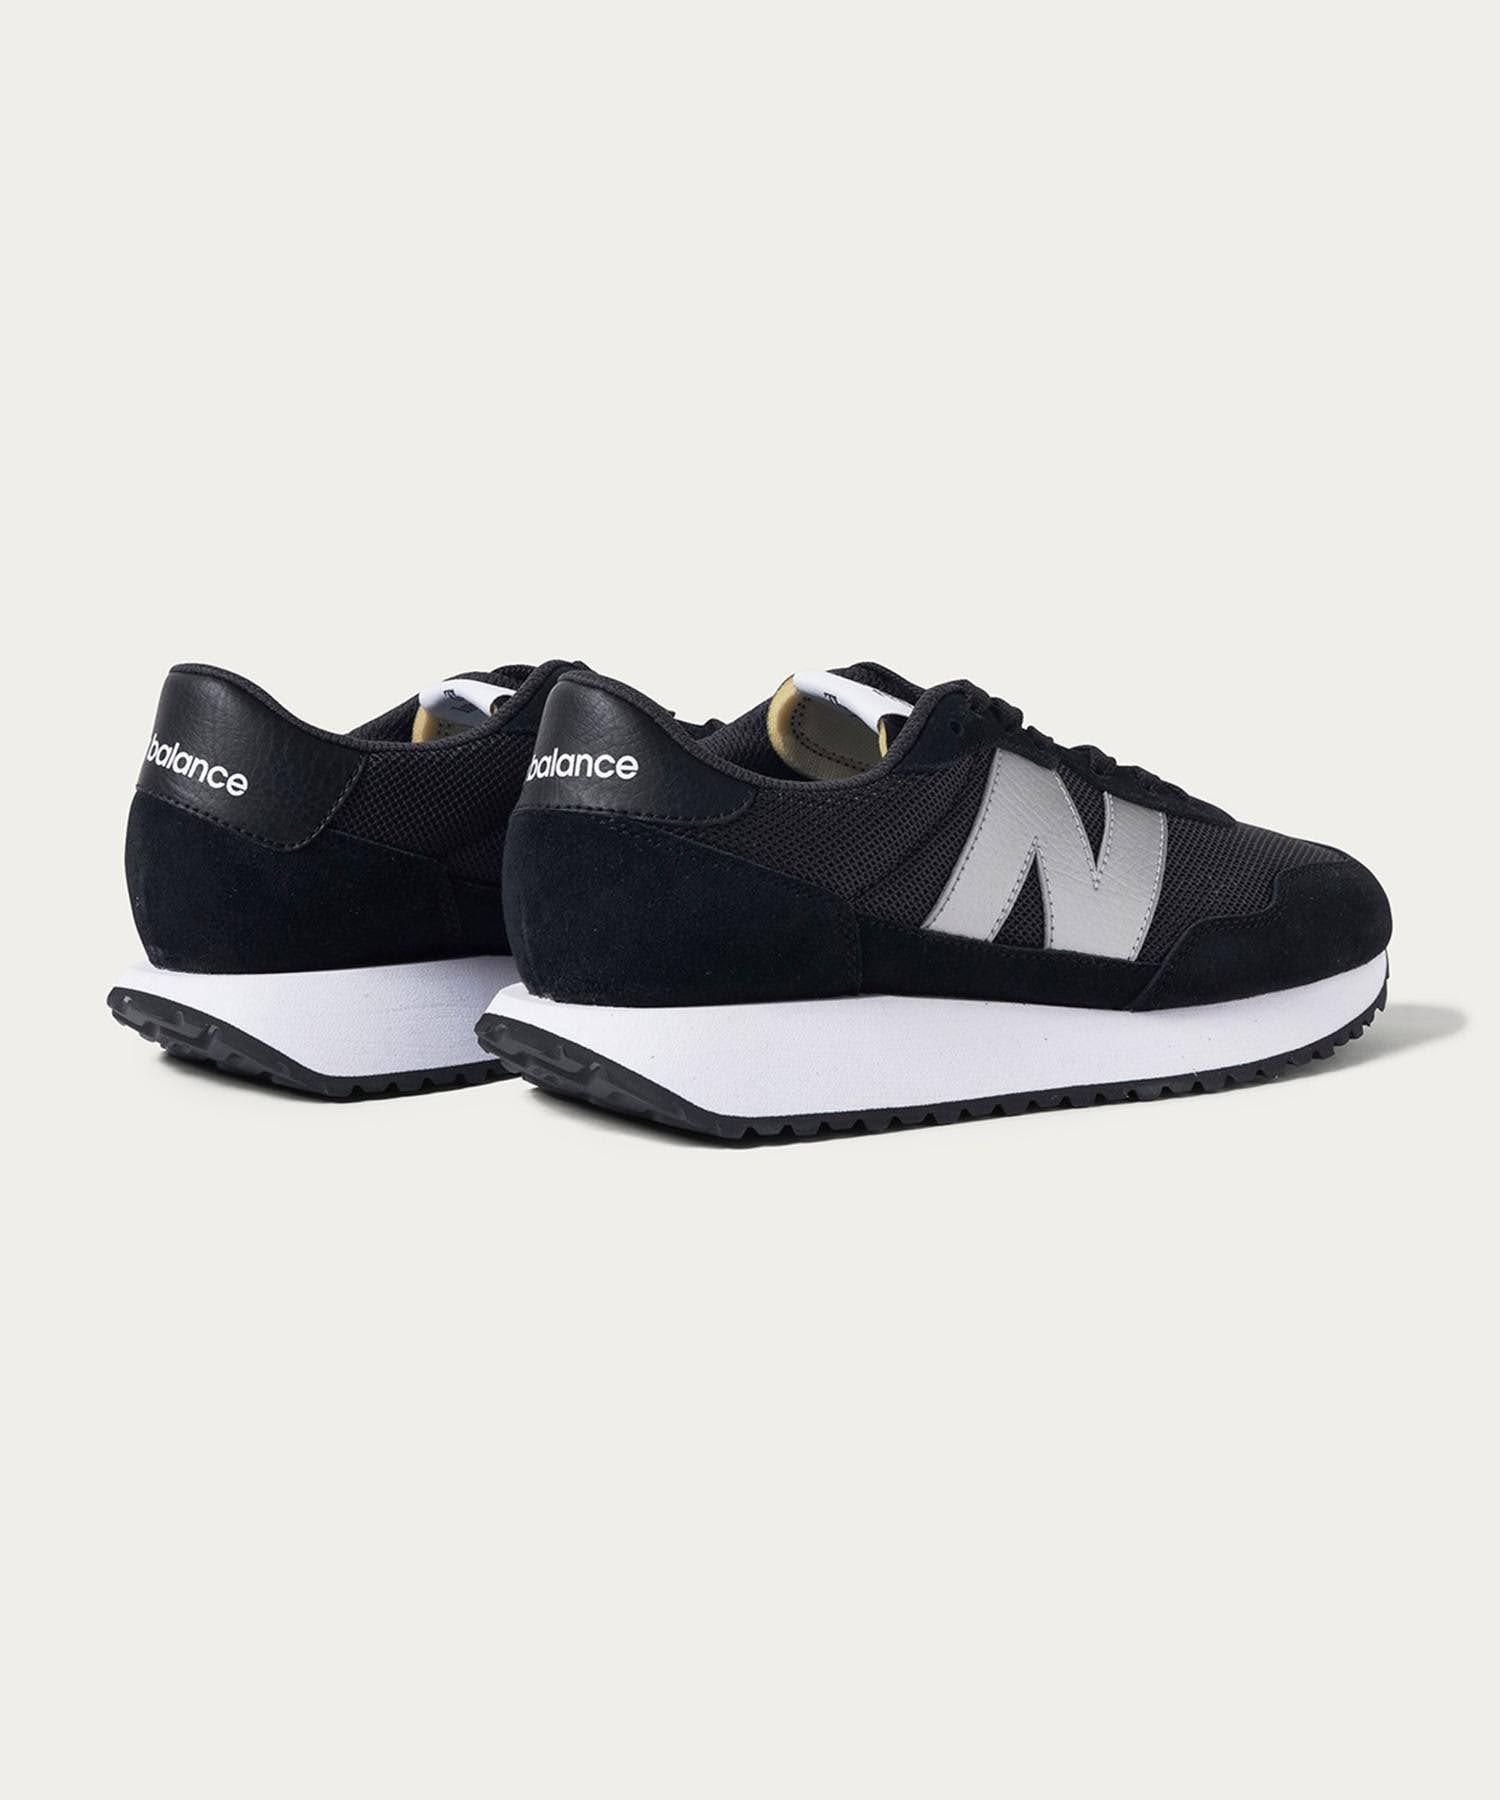 ニューバランス WS237/ ブラック New-Balance-WS237-Black-pair-back